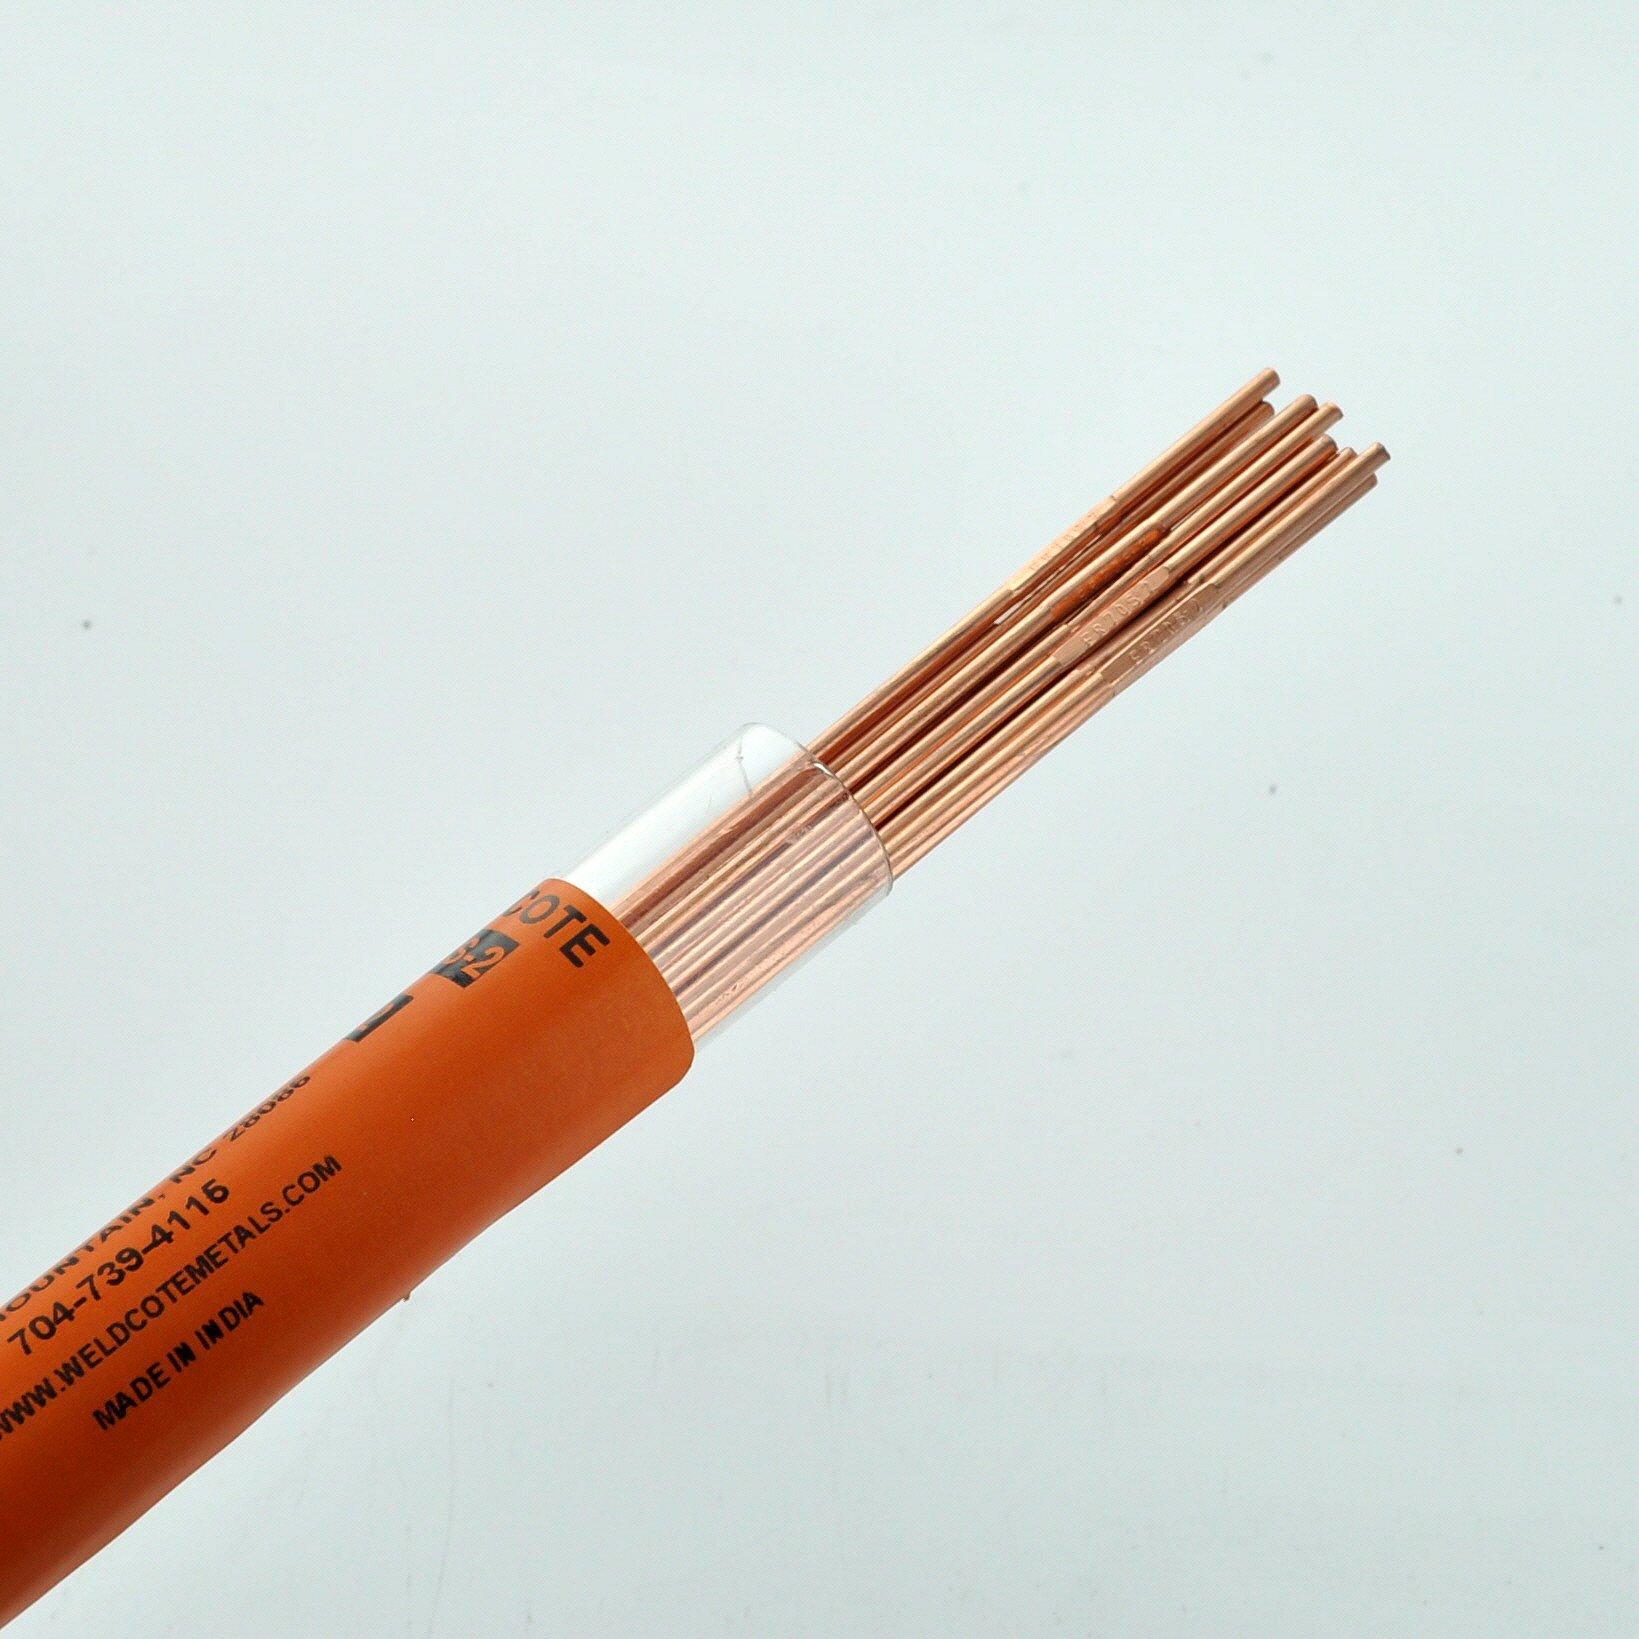 Weldcote Metals ER70S-2 1/16'' X 36'' Tig Welding Rod 1 Lb. by Weldcote Metals